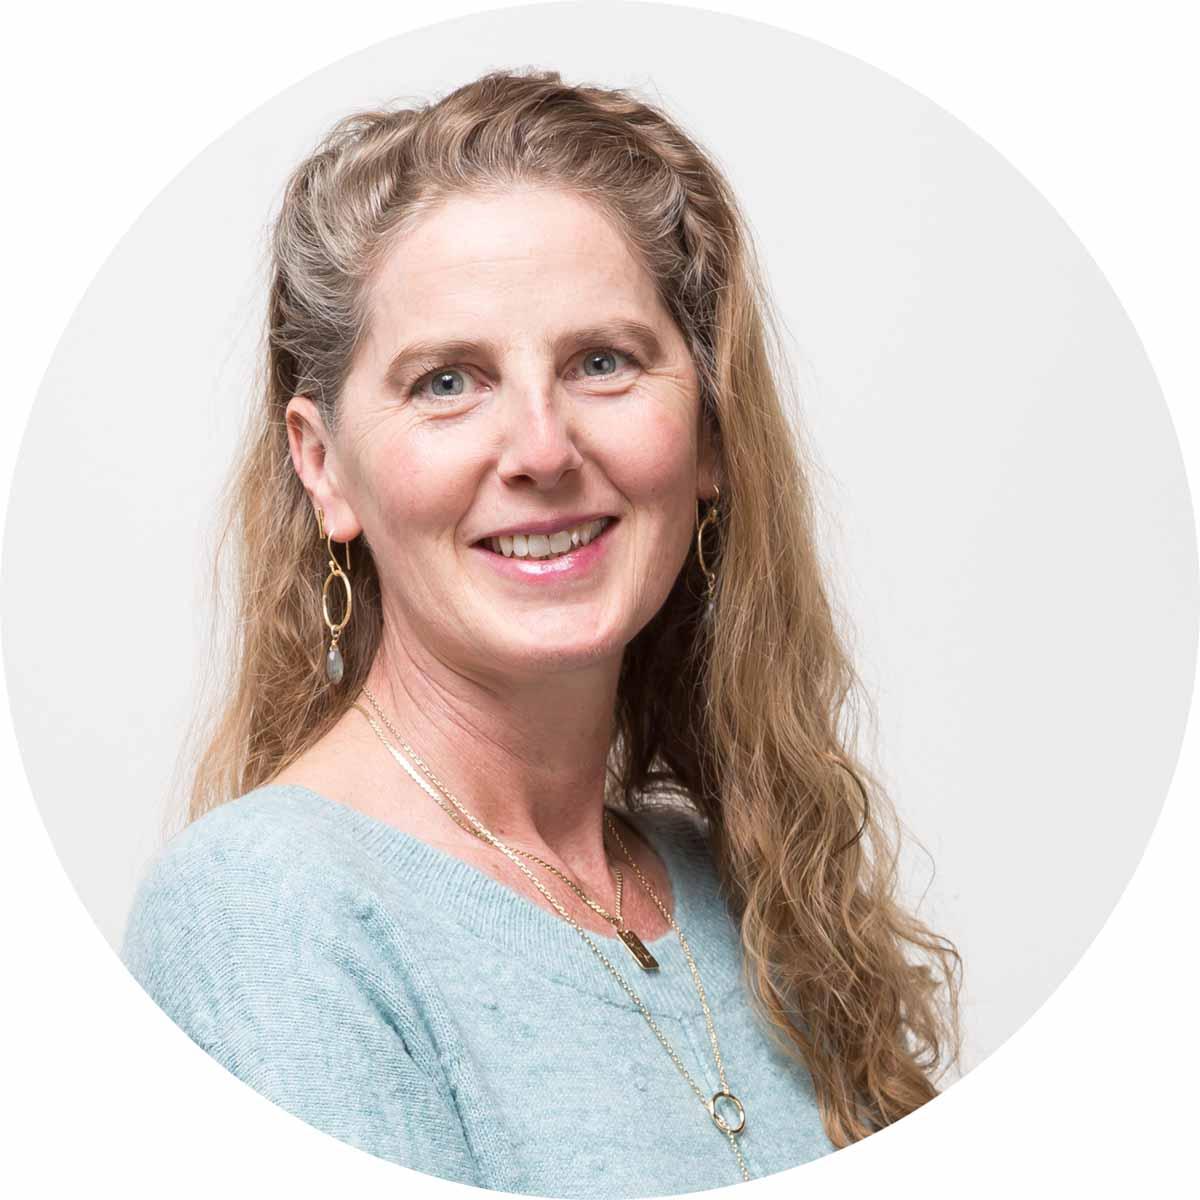 photo of Doctor Karen van Der Veer